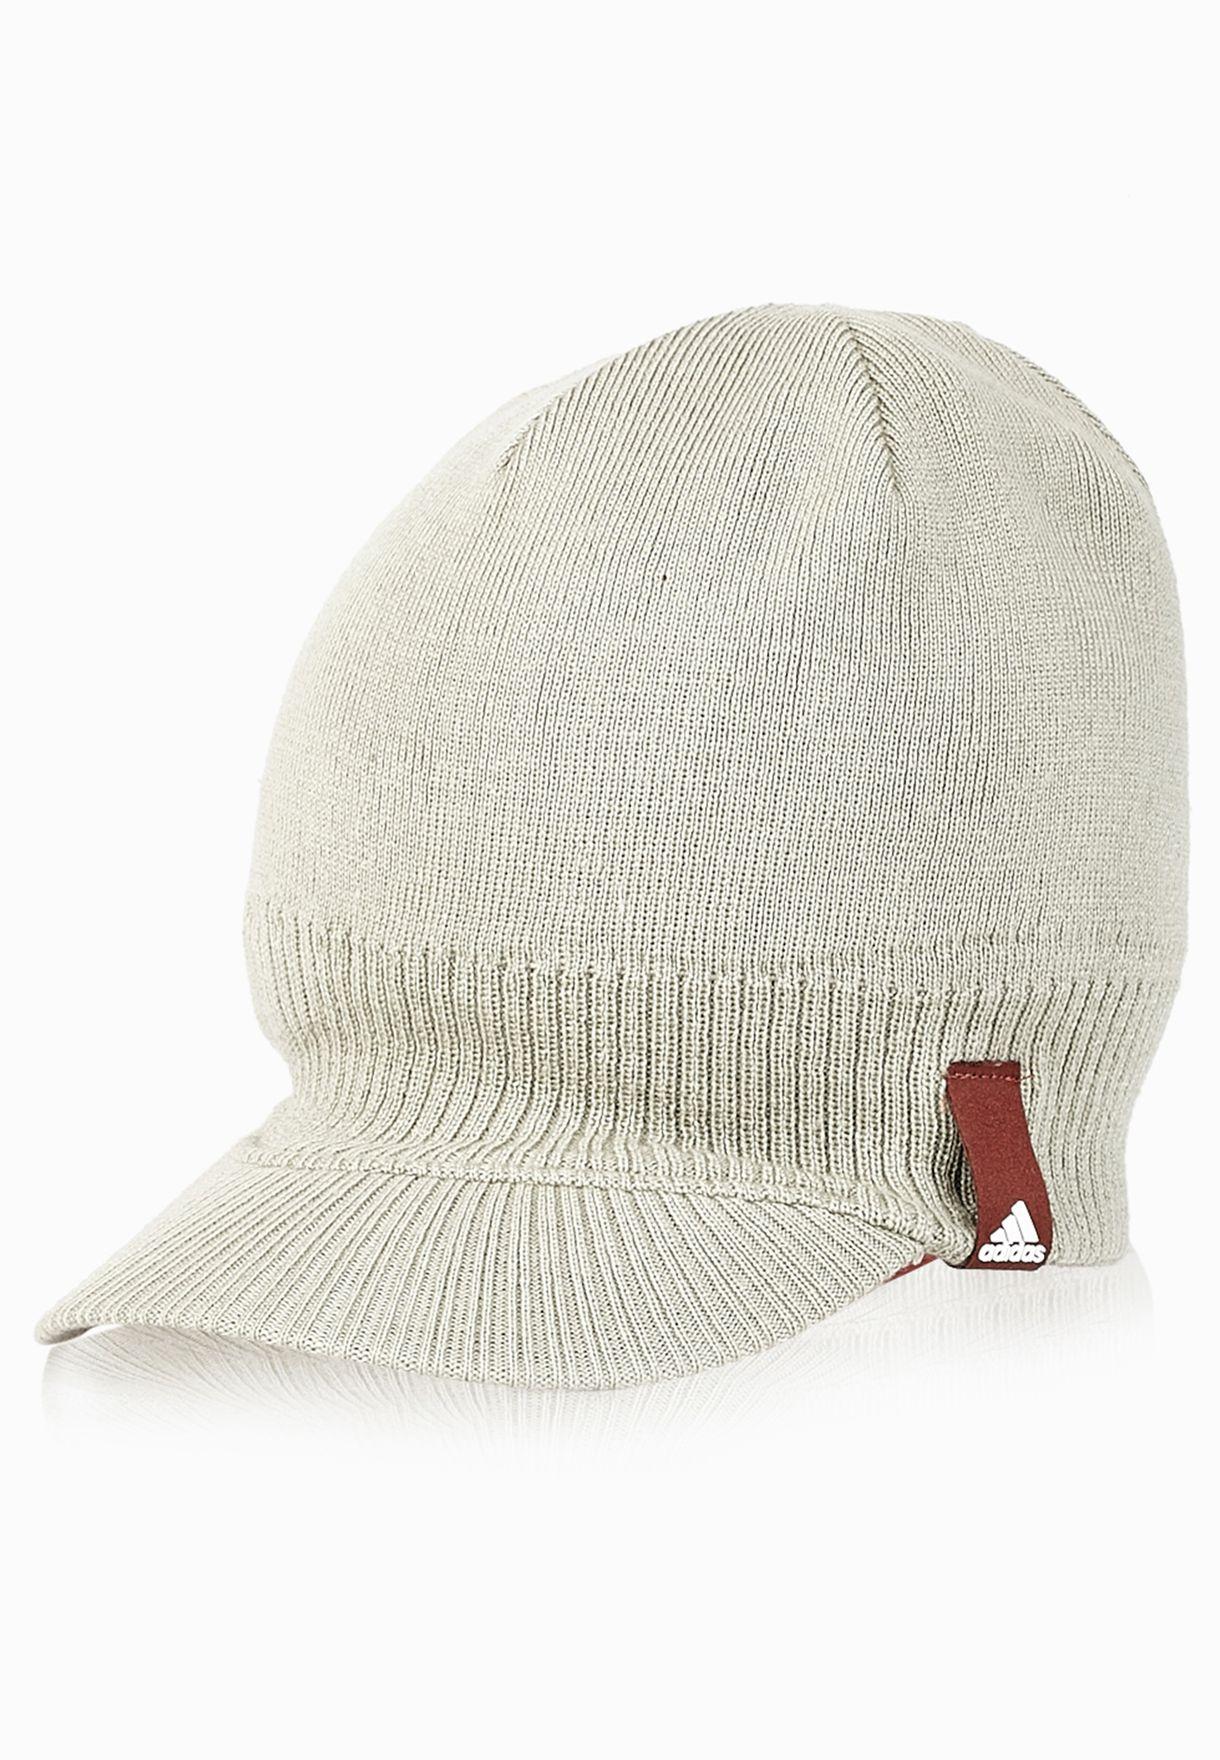 e2c9d8dd819622 where can i buy adidas cap beanie visor 87c8c 0da18